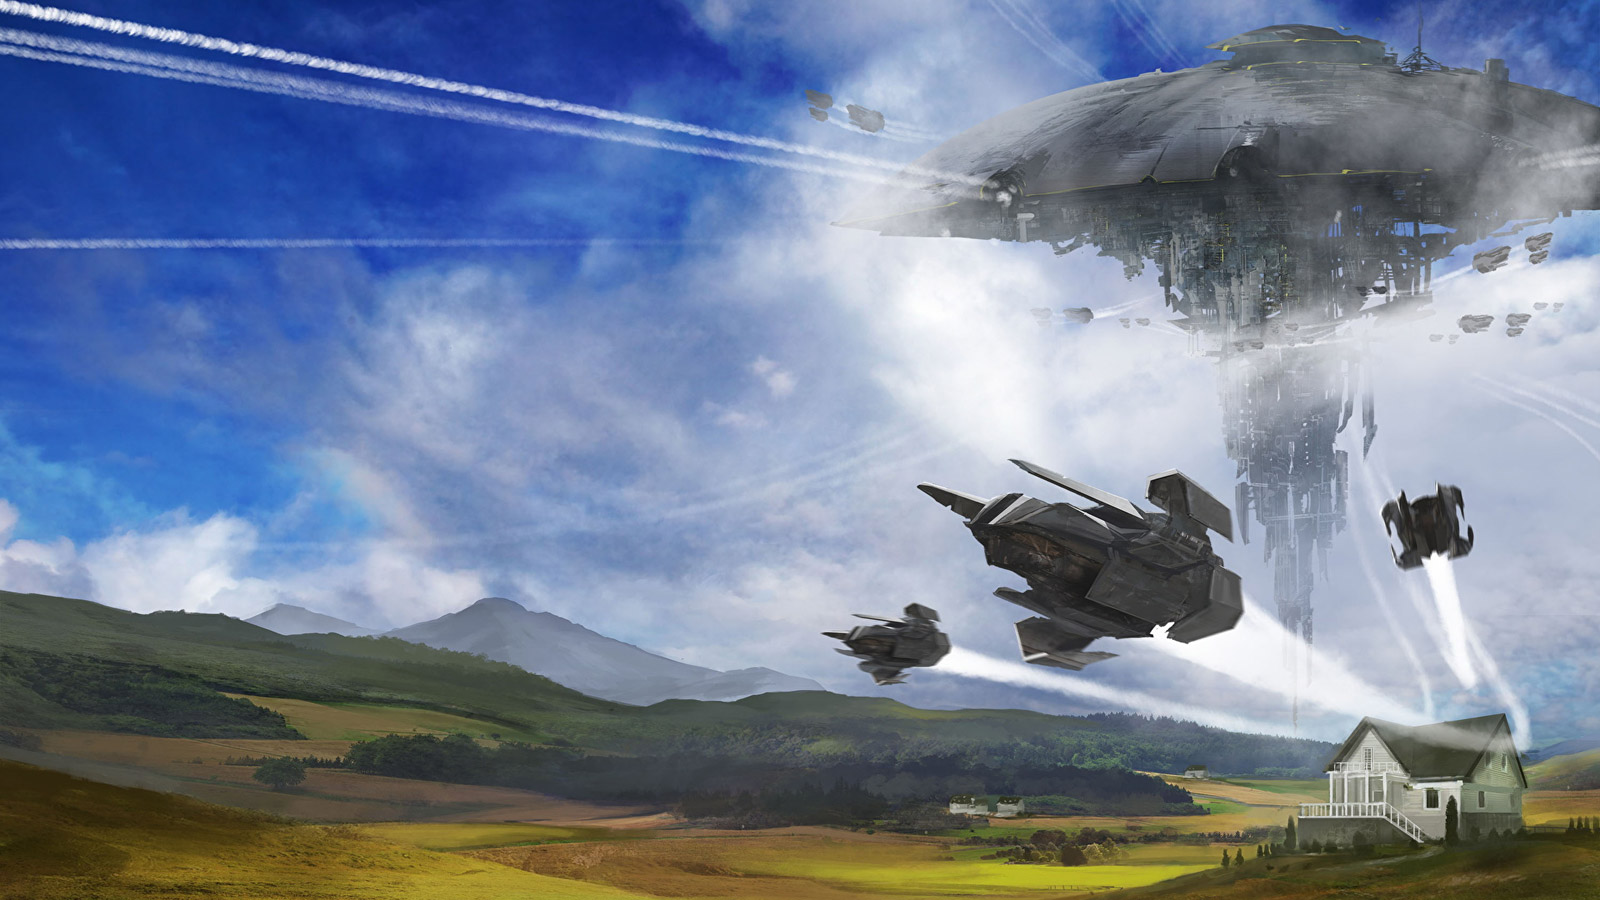 ufo picture attack